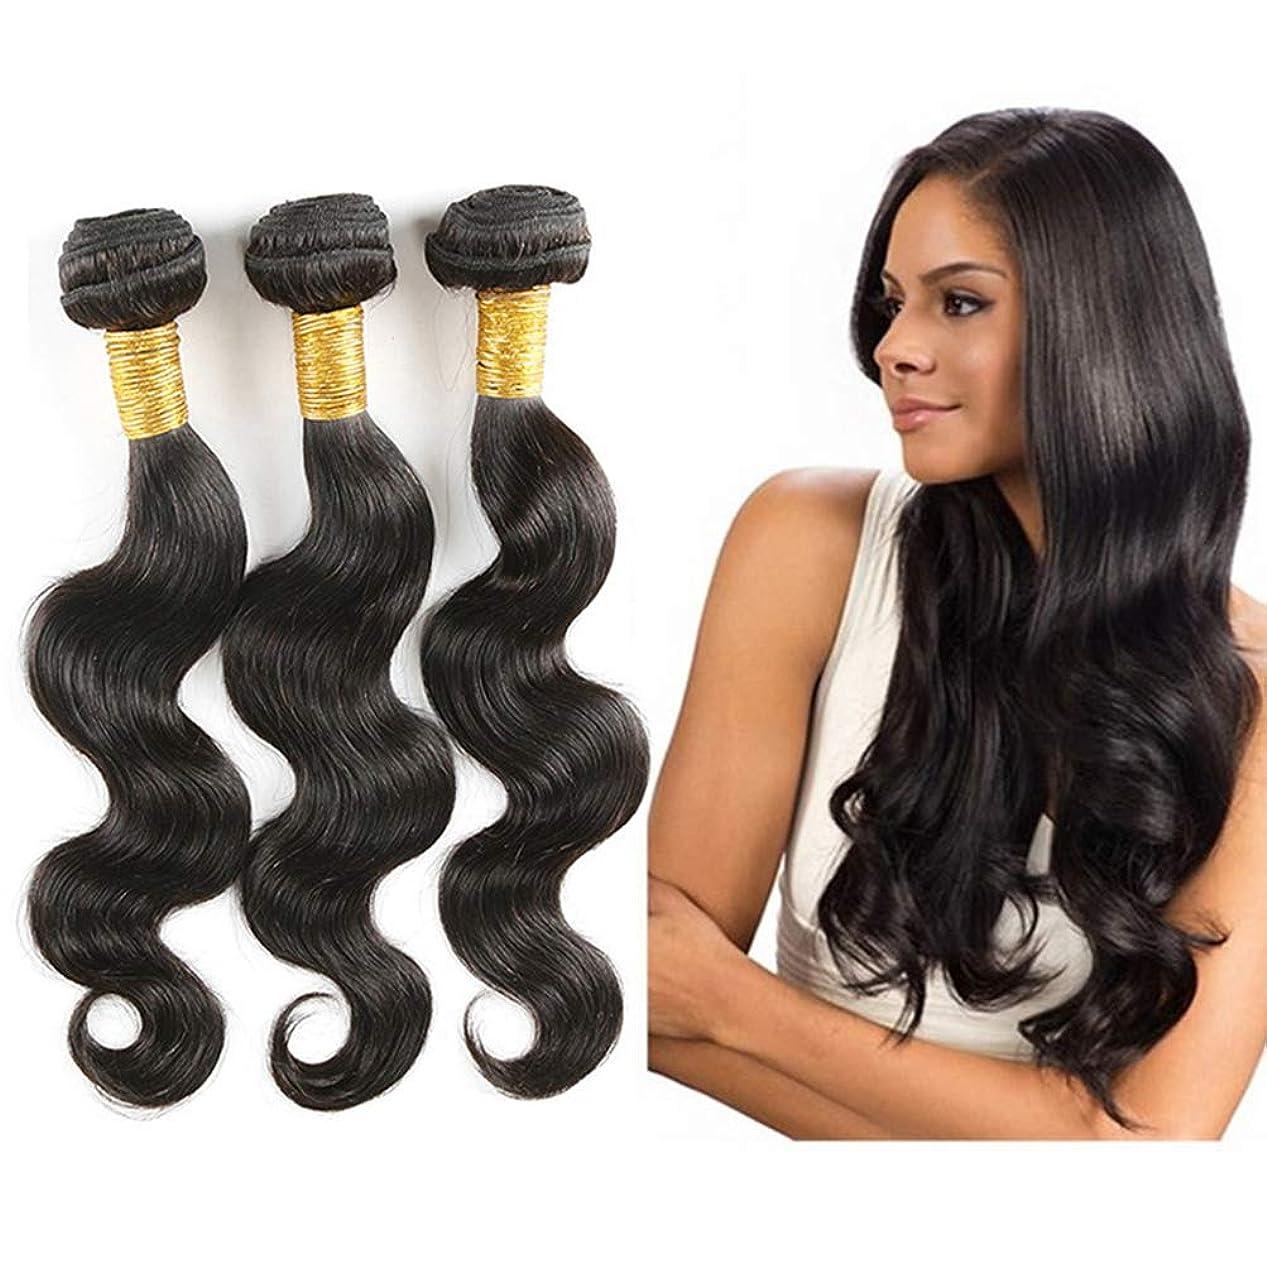 ポケット抵当嫌がるブラジルの実体波バージンヘア1束閉鎖100%未処理の人間の髪の毛の自然な色の黒人女性